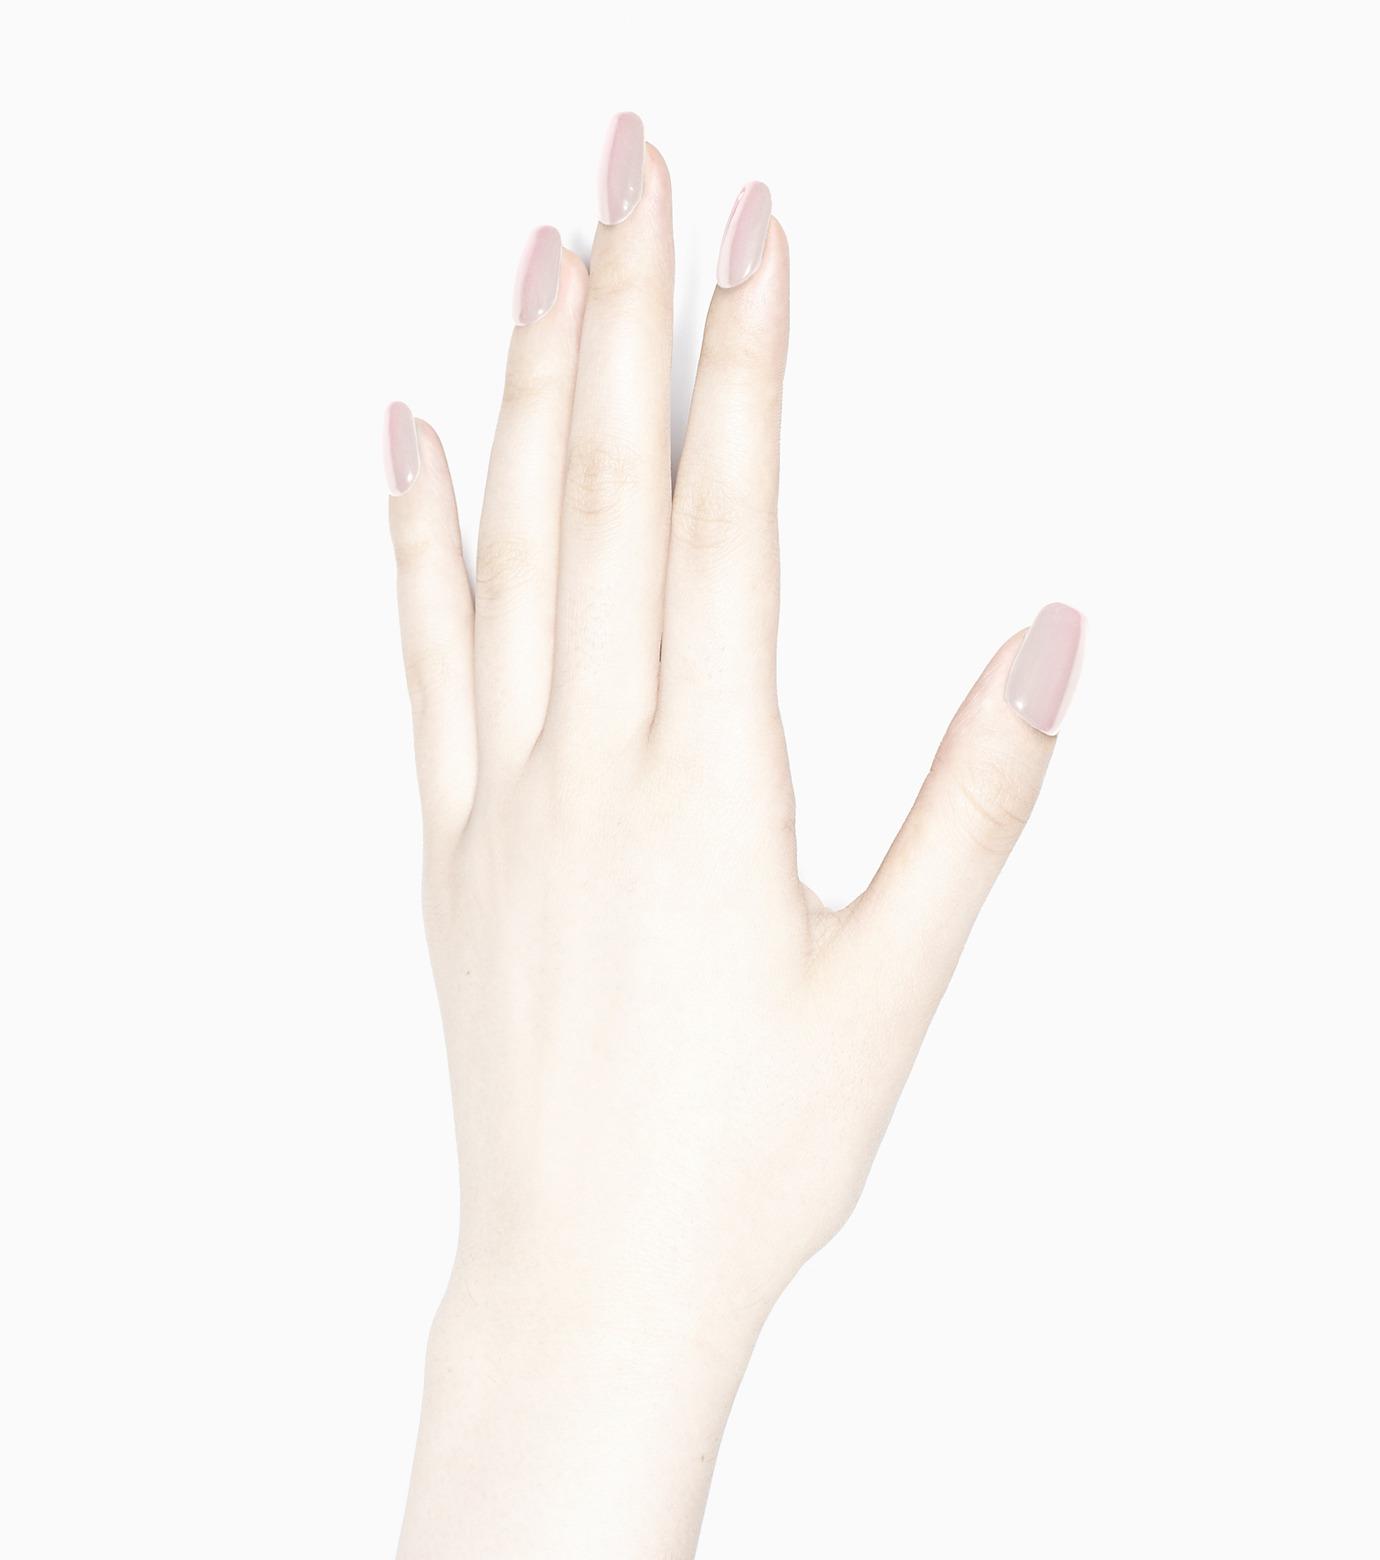 GRANJE(グランジェ)のHouri-LIGHT PINK(MAKE-UP/MAKE-UP)-O97-71 拡大詳細画像2